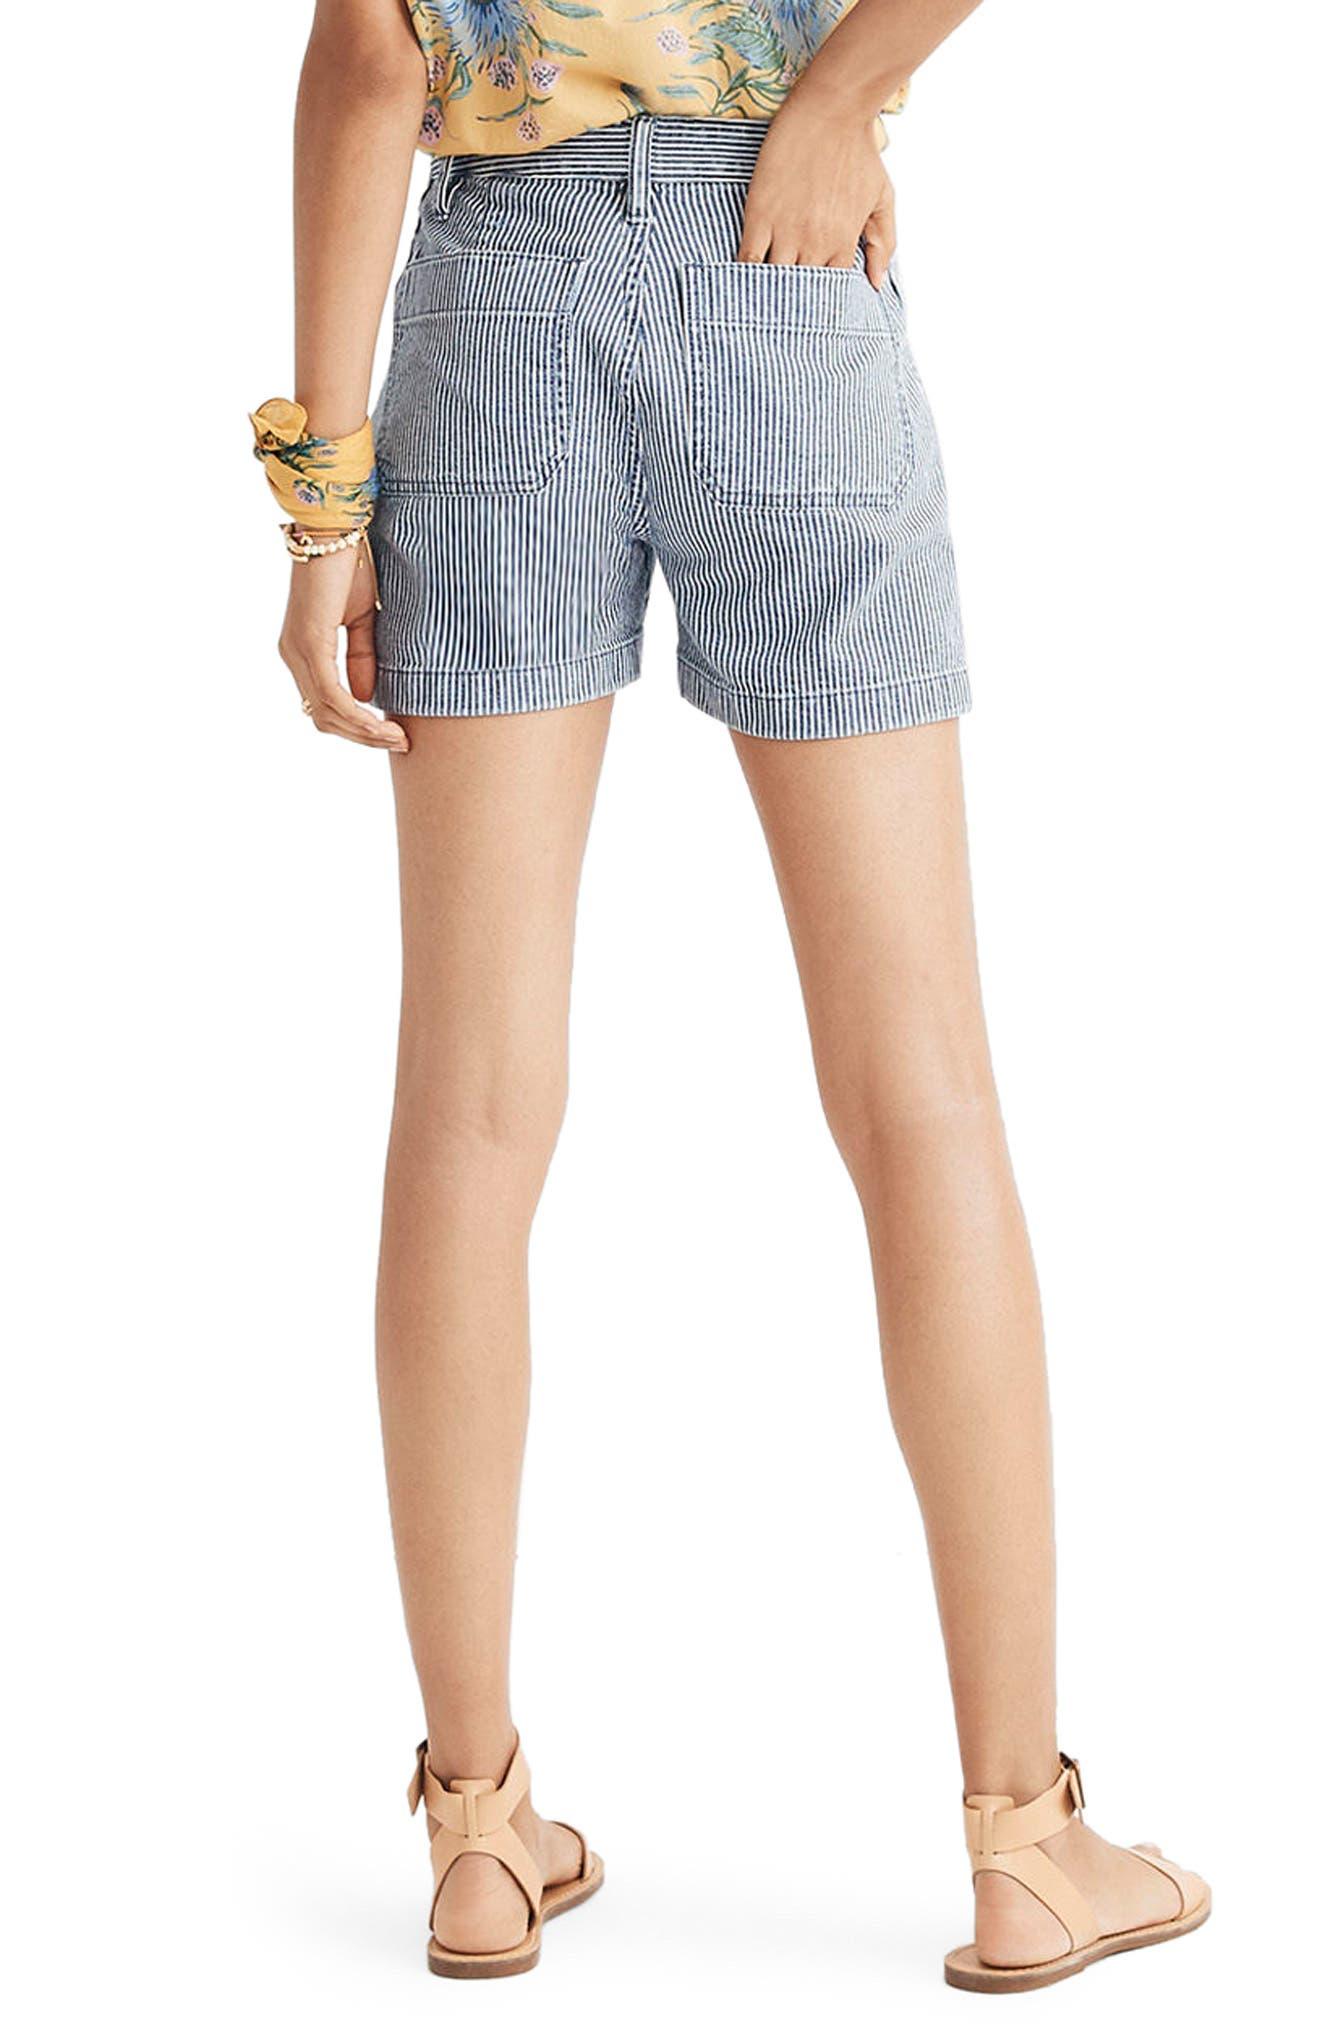 Emmett Stripe Denim Shorts,                             Alternate thumbnail 2, color,                             400